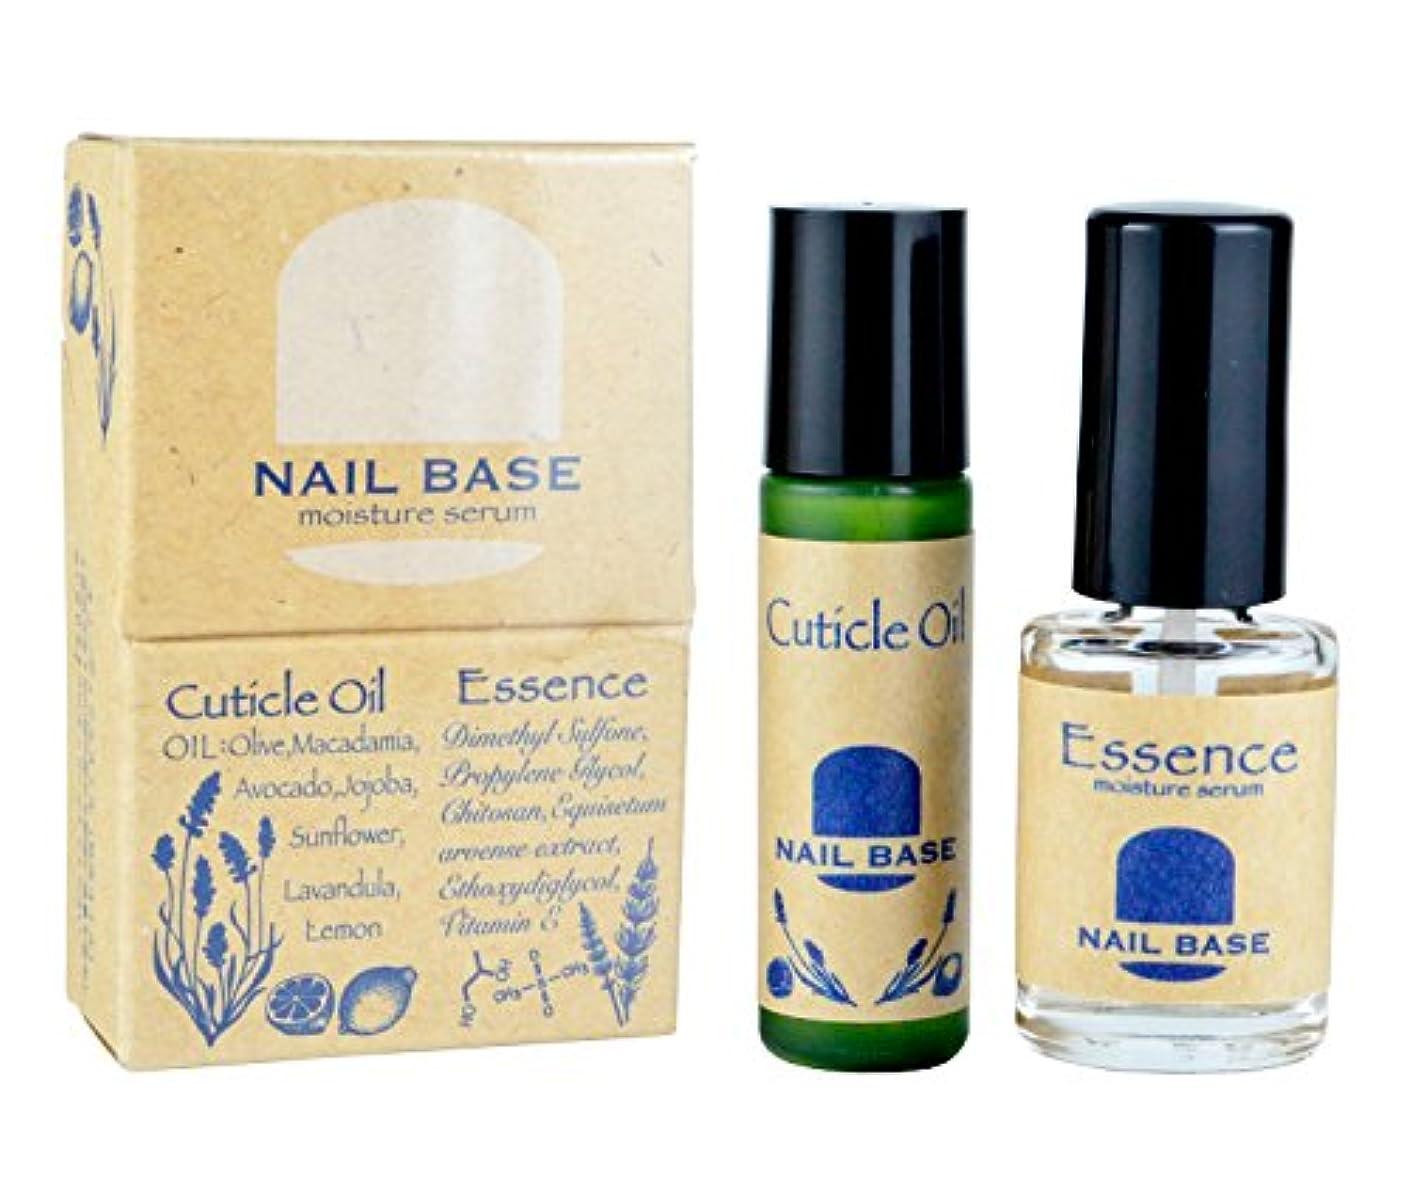 アジア会話盲信NAIL BASE キューティクルオイルと爪の美容液のセット